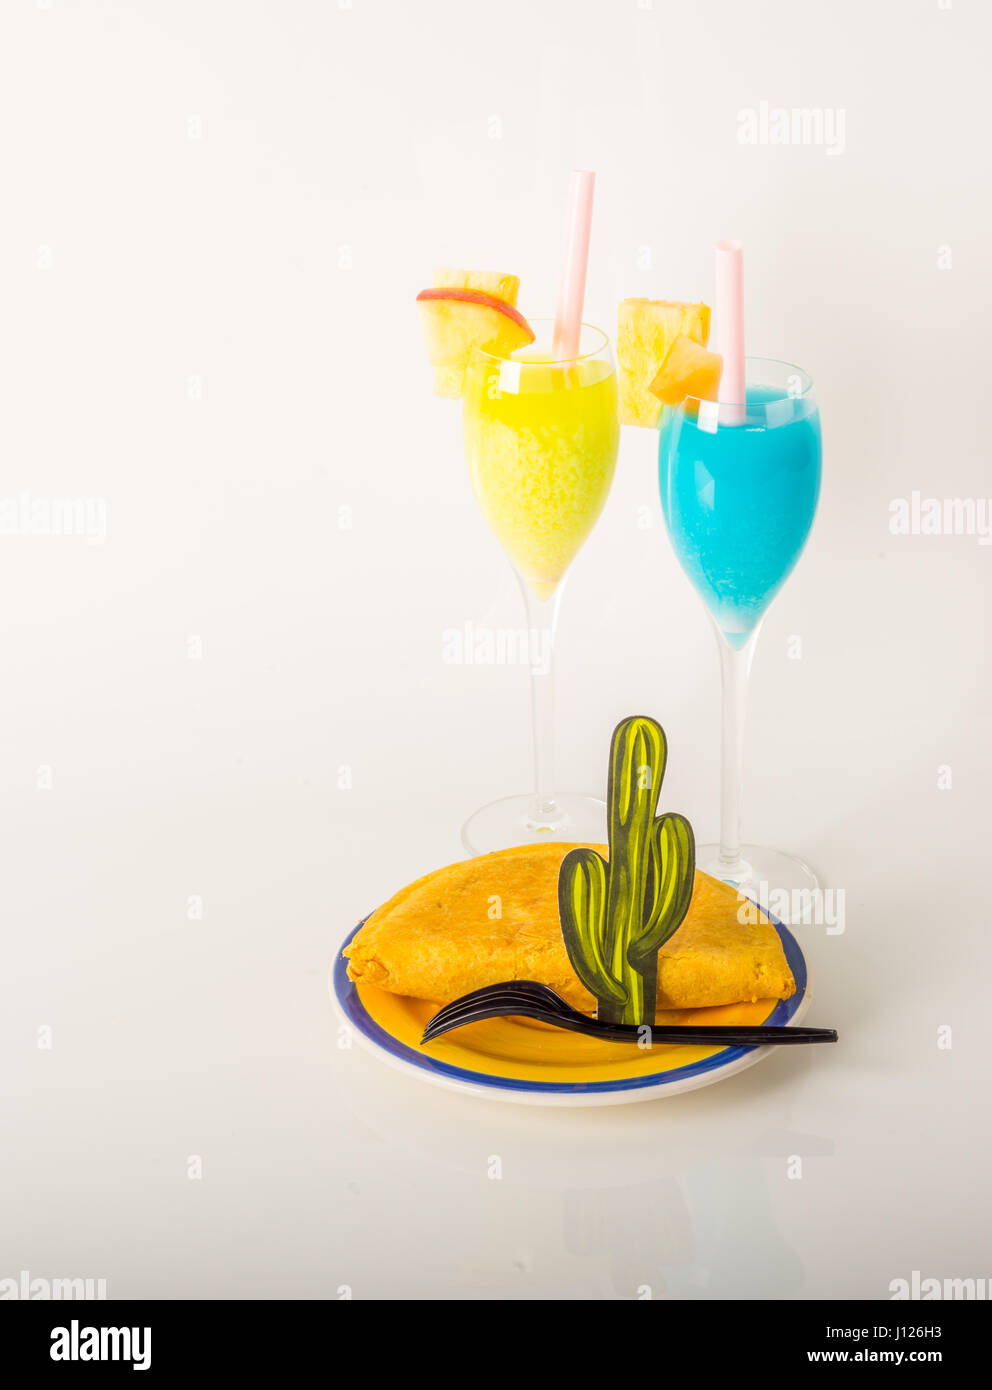 dekoriert mit Früchten, gelb und blau, Getränke zu trinken, Staw, jamaikanisches Essen, Pattie, Sommer Stockbild